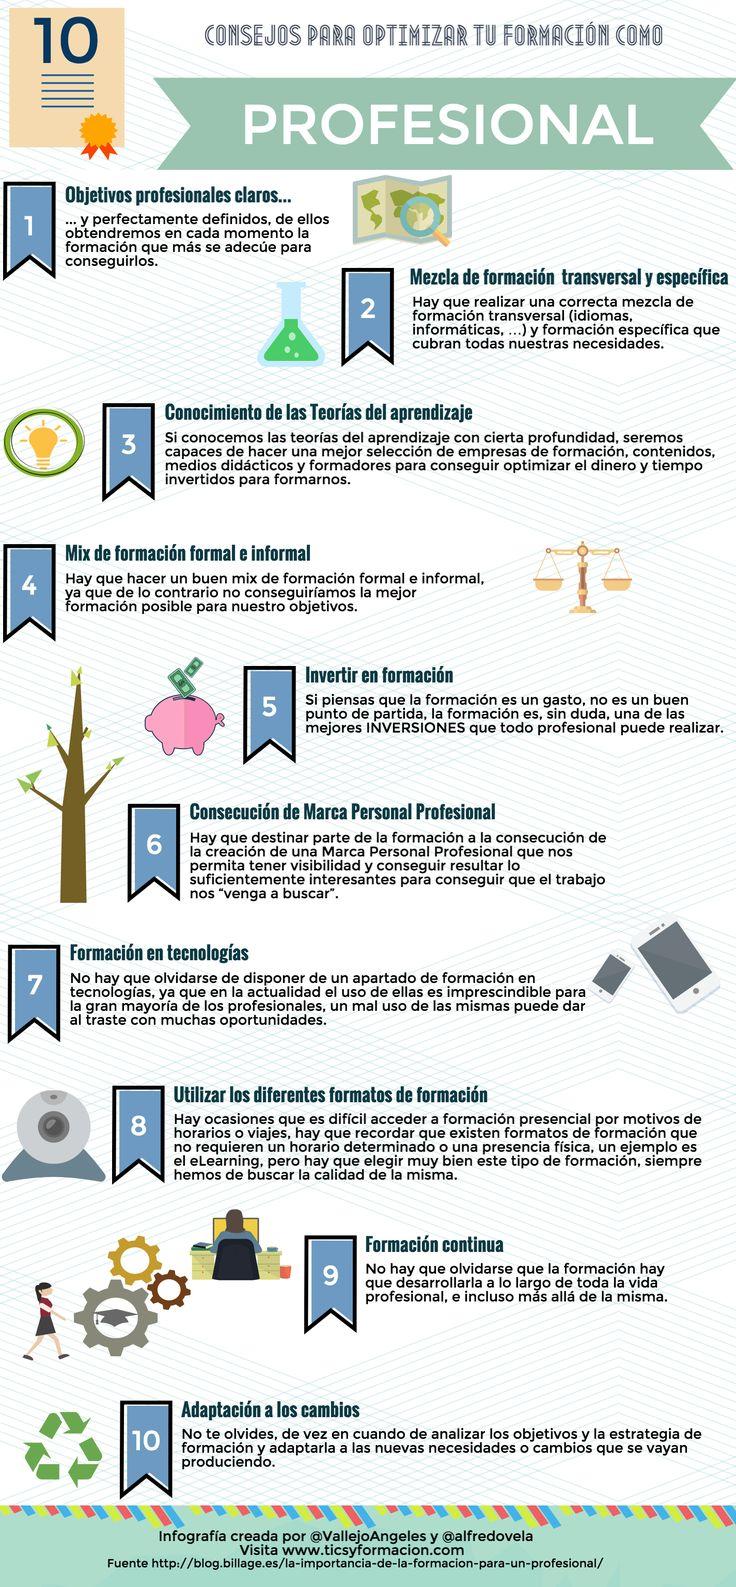 10 consejos para optimizar tu formación como Profesional